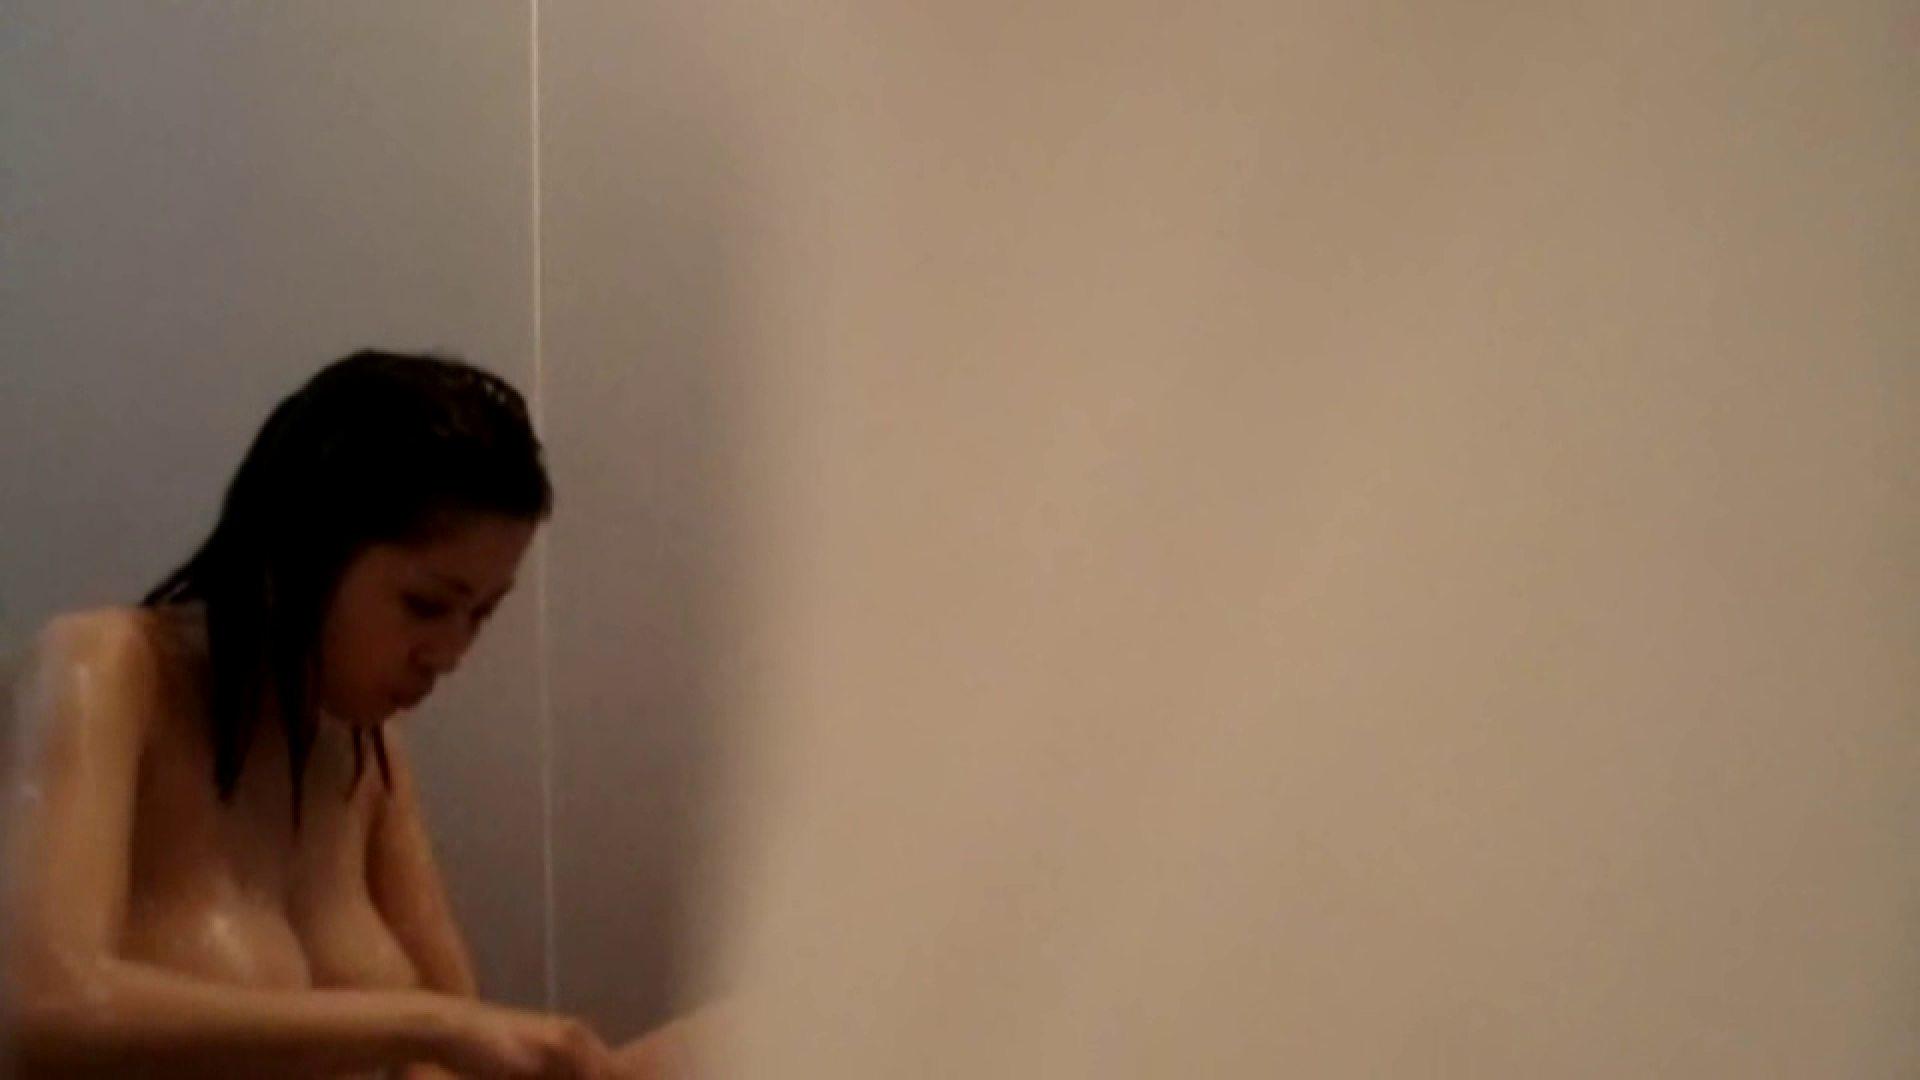 vol.2 葵のグラドル顔負けの爆乳を入浴シーンでどうぞ。 ○族 性交動画流出 111画像 102